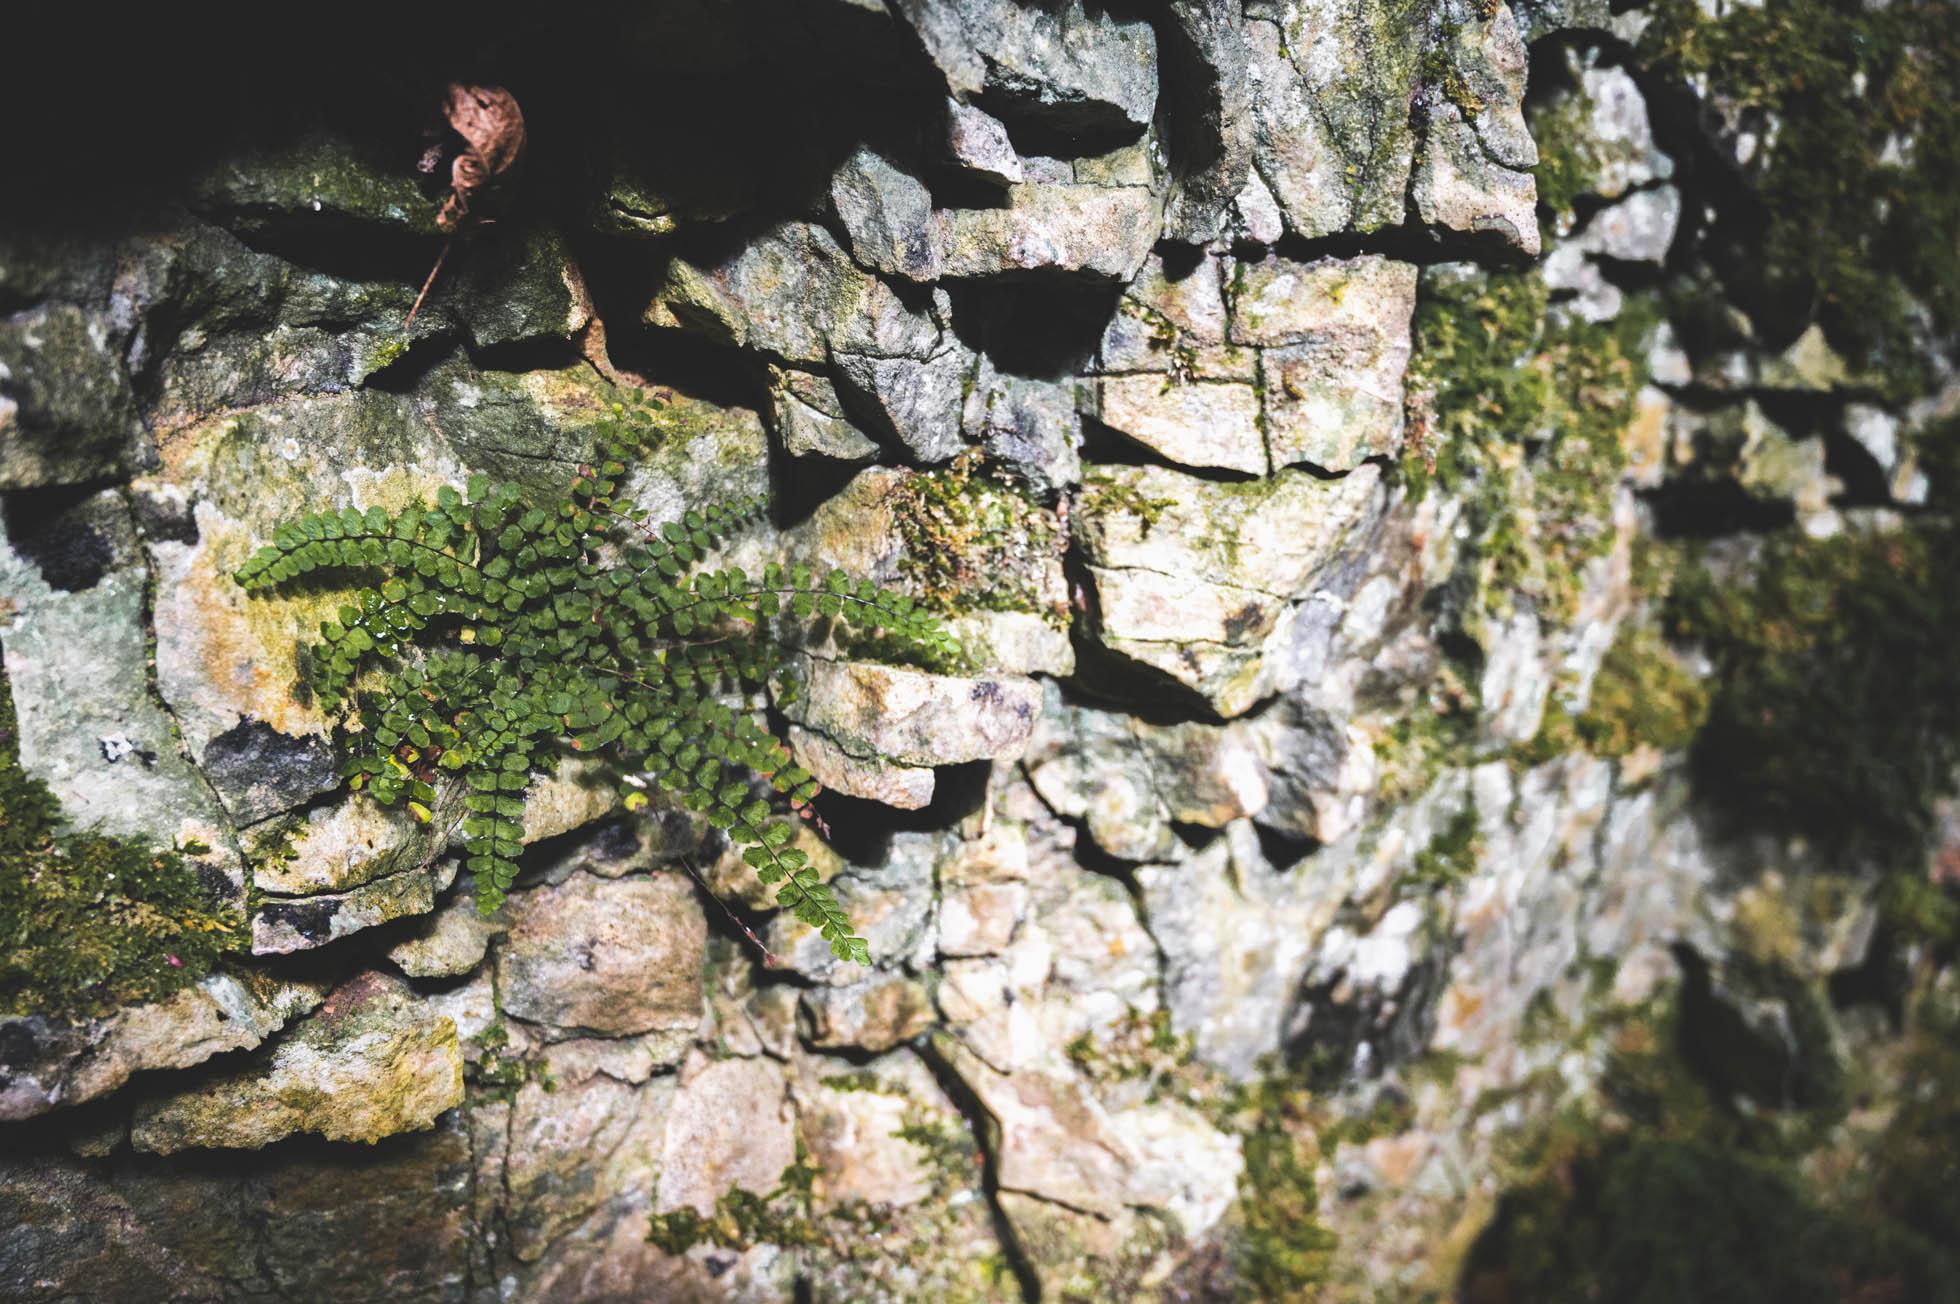 haute marne 4133 Copie - Les globe blogueurs - blog voyage nature